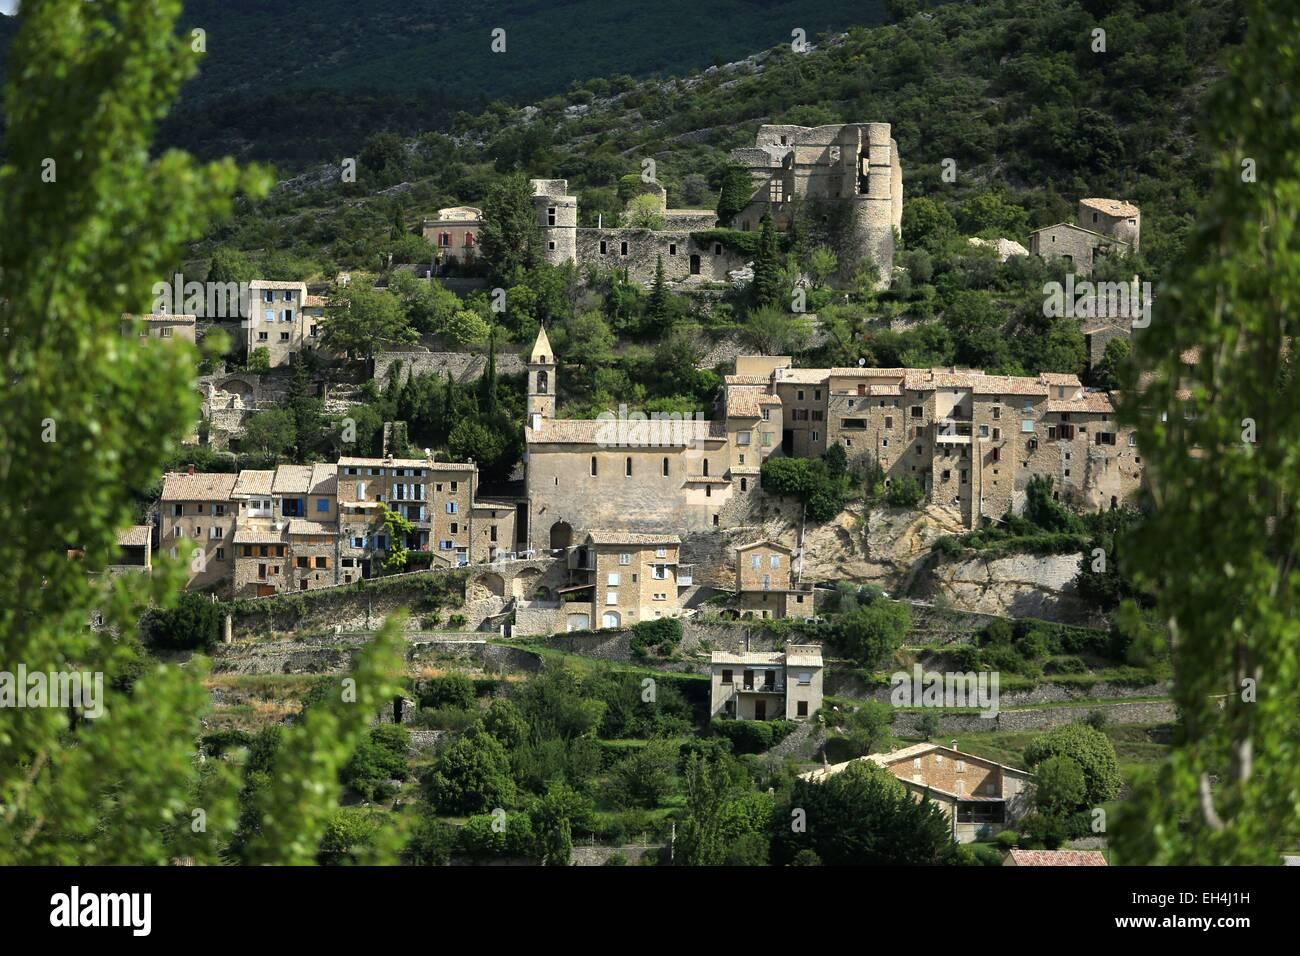 France dr me montbrun les bains au pied du mont ventoux - Office du tourisme montbrun les bains ...